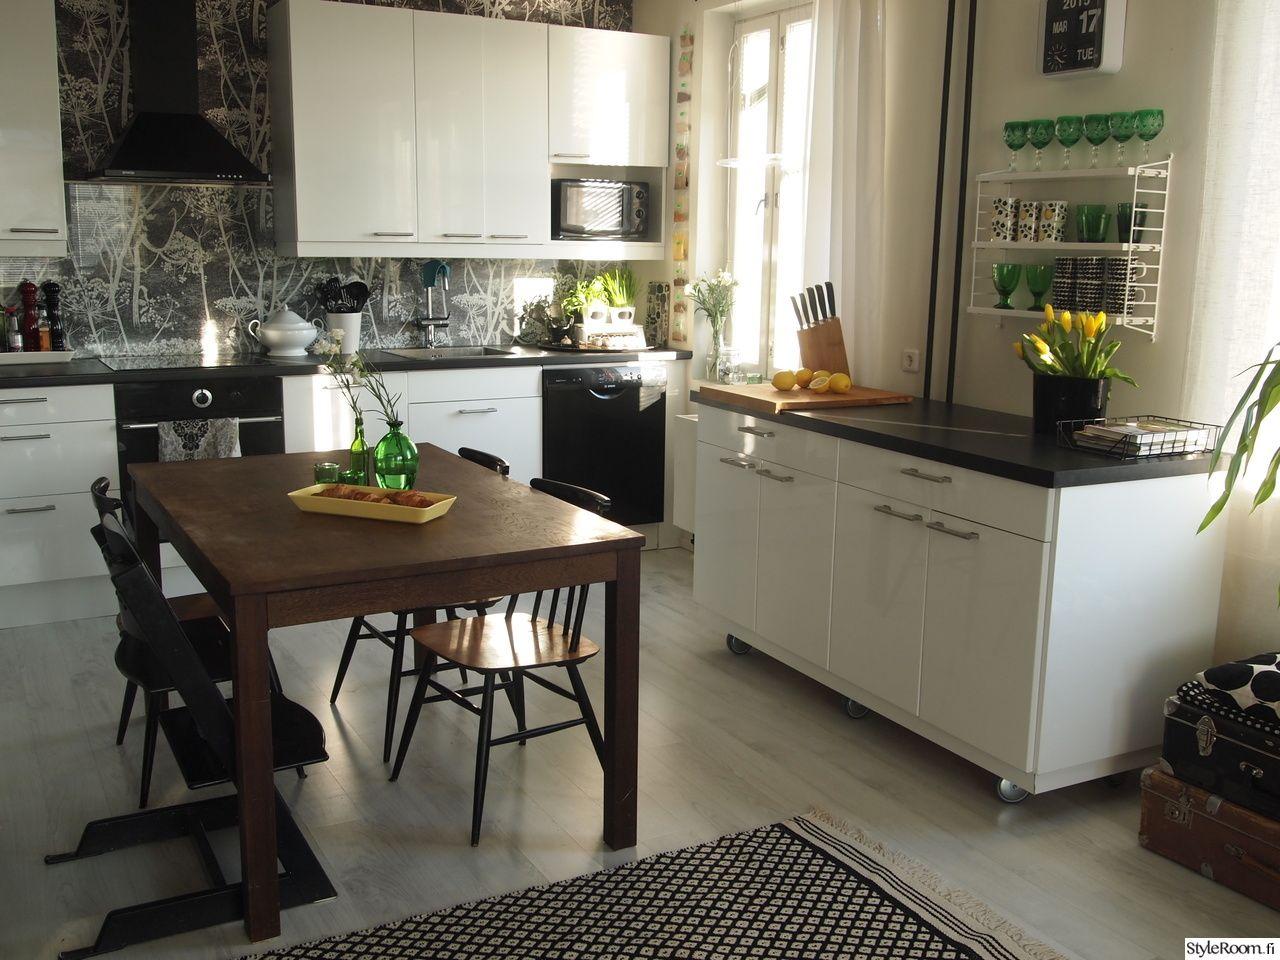 mustavalkoinen,mustavalkoinen sisustus,keittiö,keittiön sisustus,saareke,matt